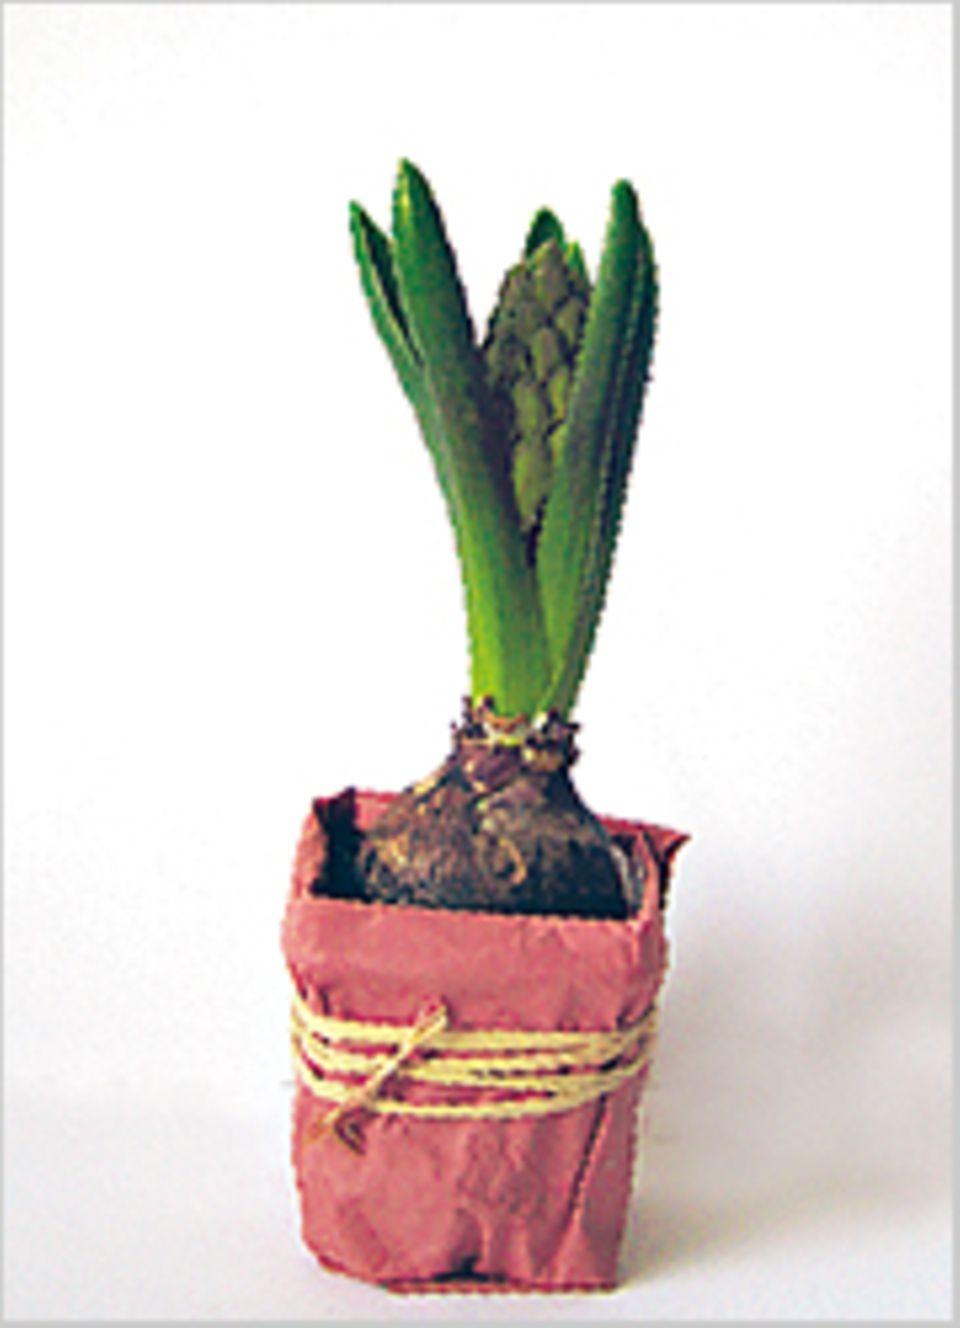 Frühlingsblumen: Meine Hyazinthe: Am 2. Tag sah man nicht viel mehr als fleischige Blätter.